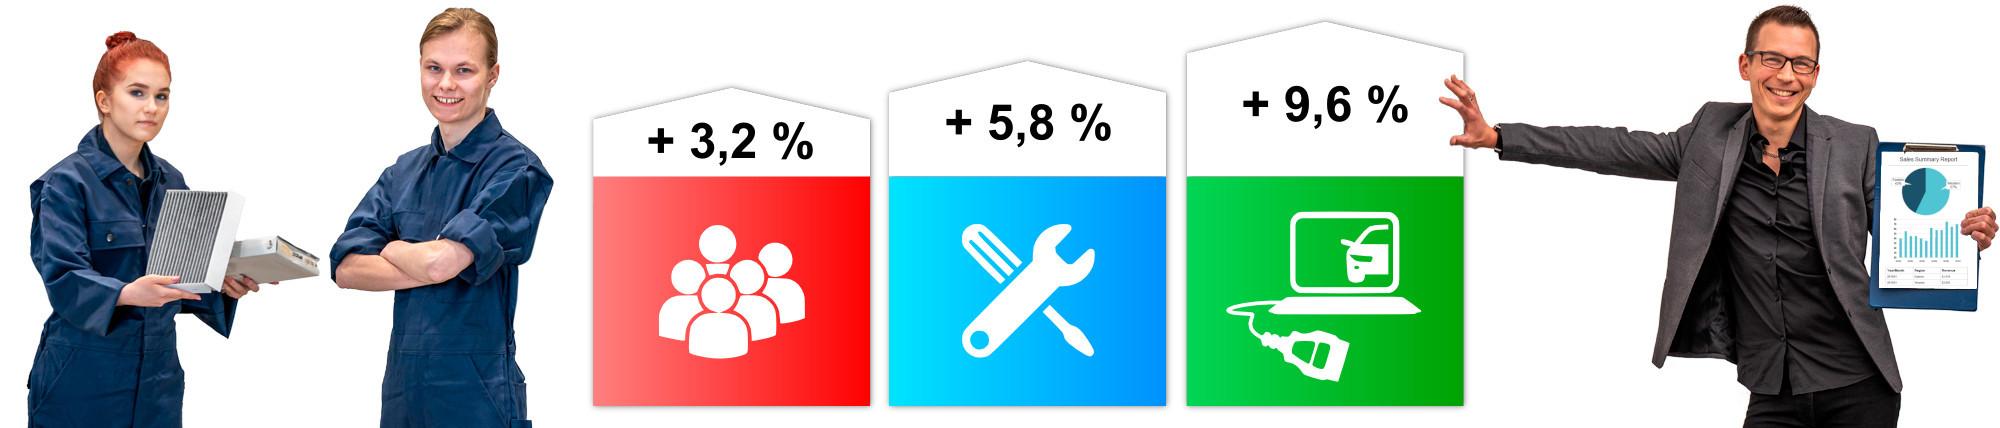 Onnellinen Prodiags myyntikumppani nousevalla myynnillä ja Prodiagsin auto-mekaanikoille tarkoitettujen verkkokoulutsiin tyytyväiset mekaanikot